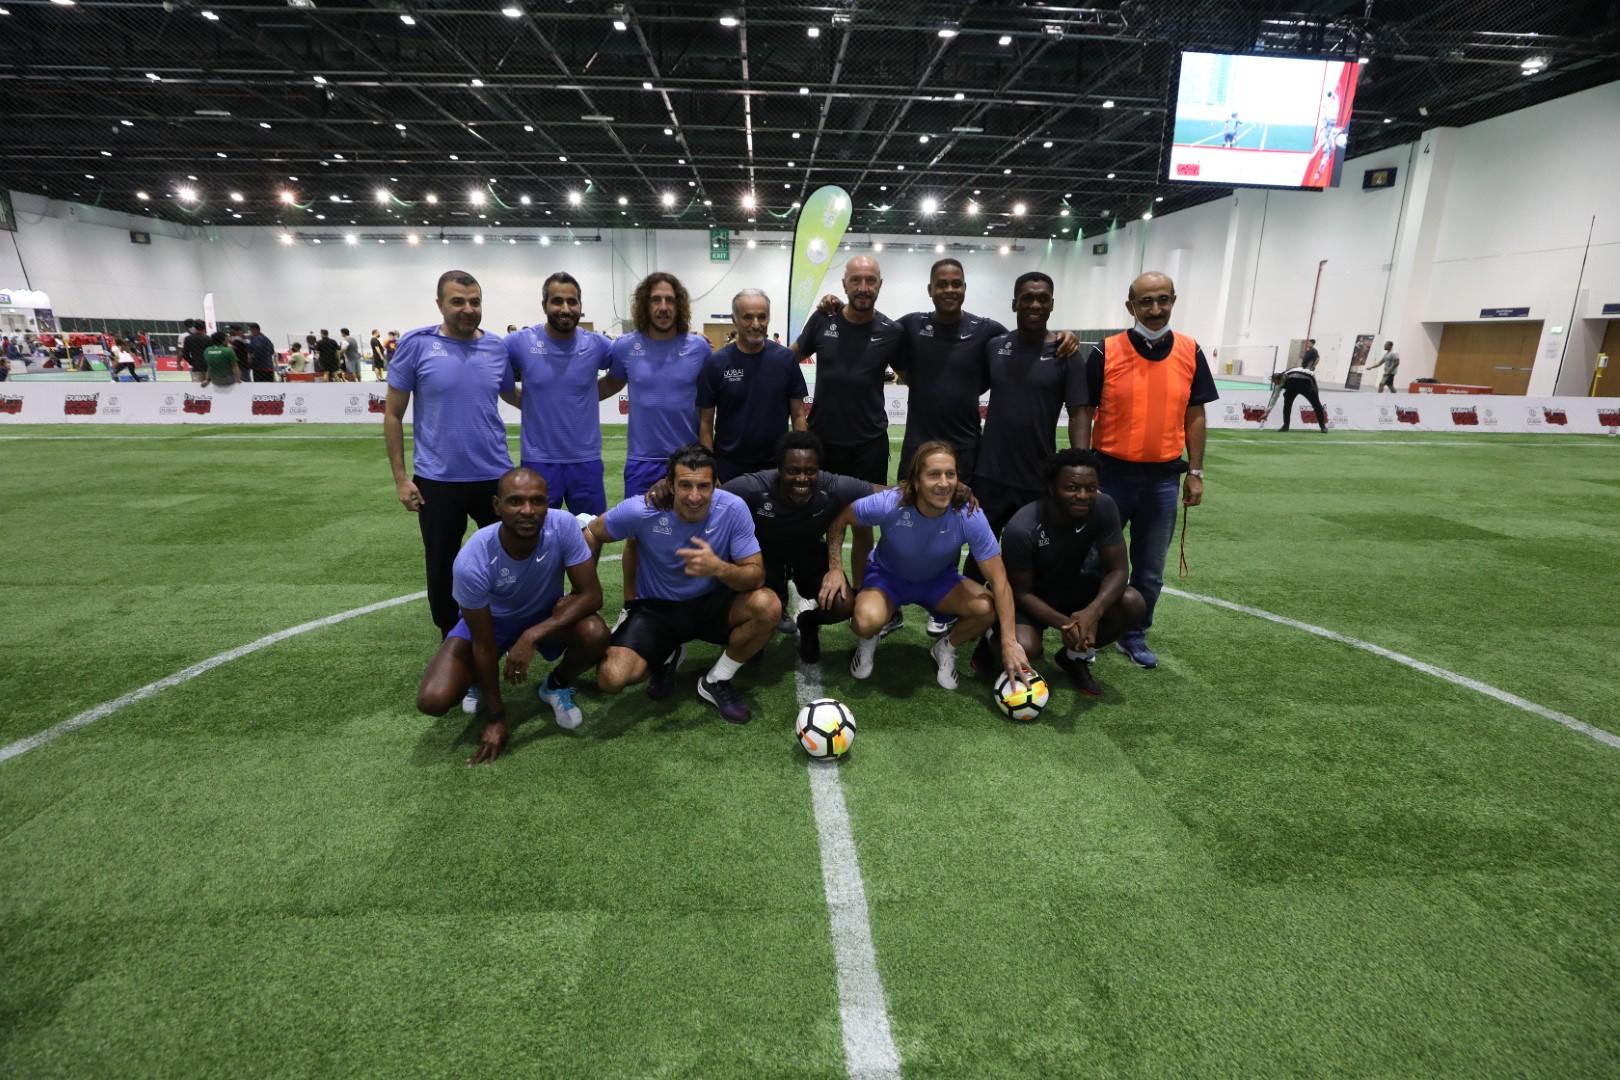 دبي تجمع نجوم الكرة العالمية في مباراة ودية ضمن فعاليات تحدي دبي للياقة